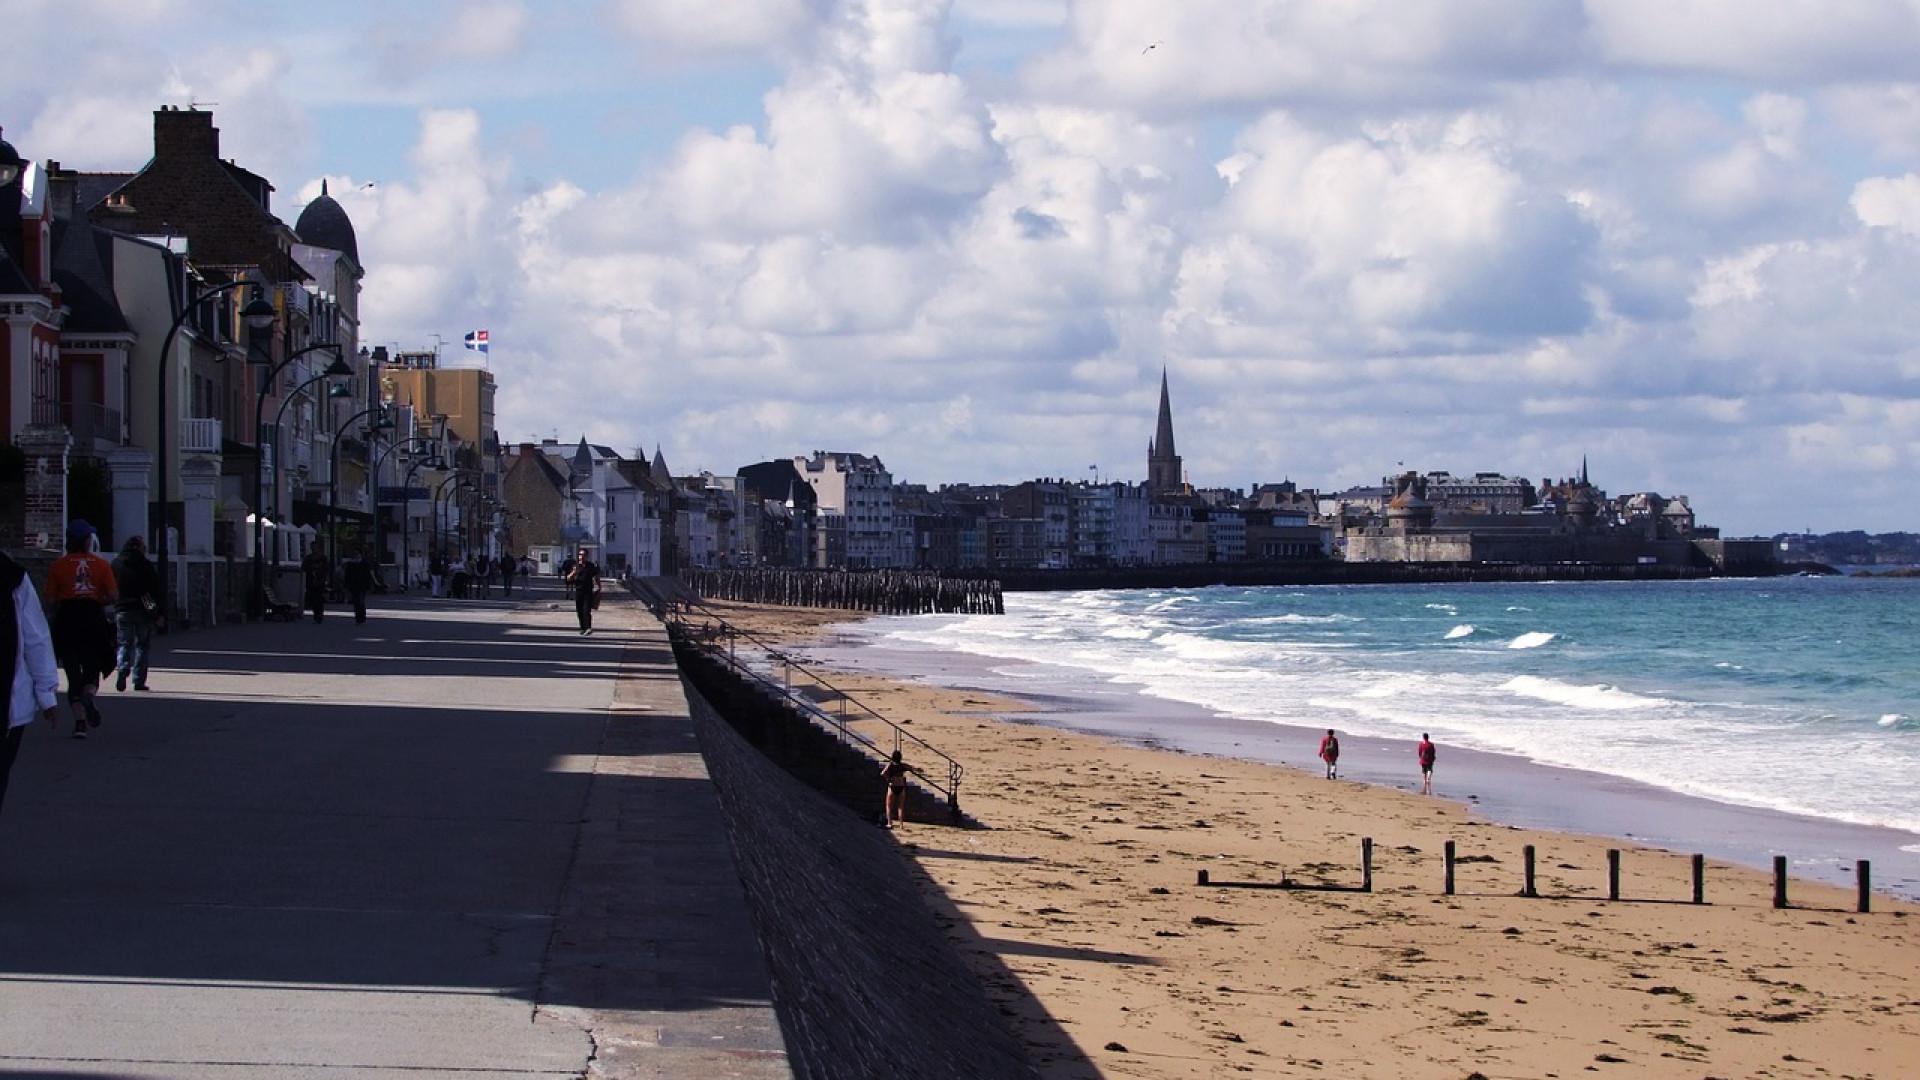 Je passe mes vacances à découvrir la Bretagne